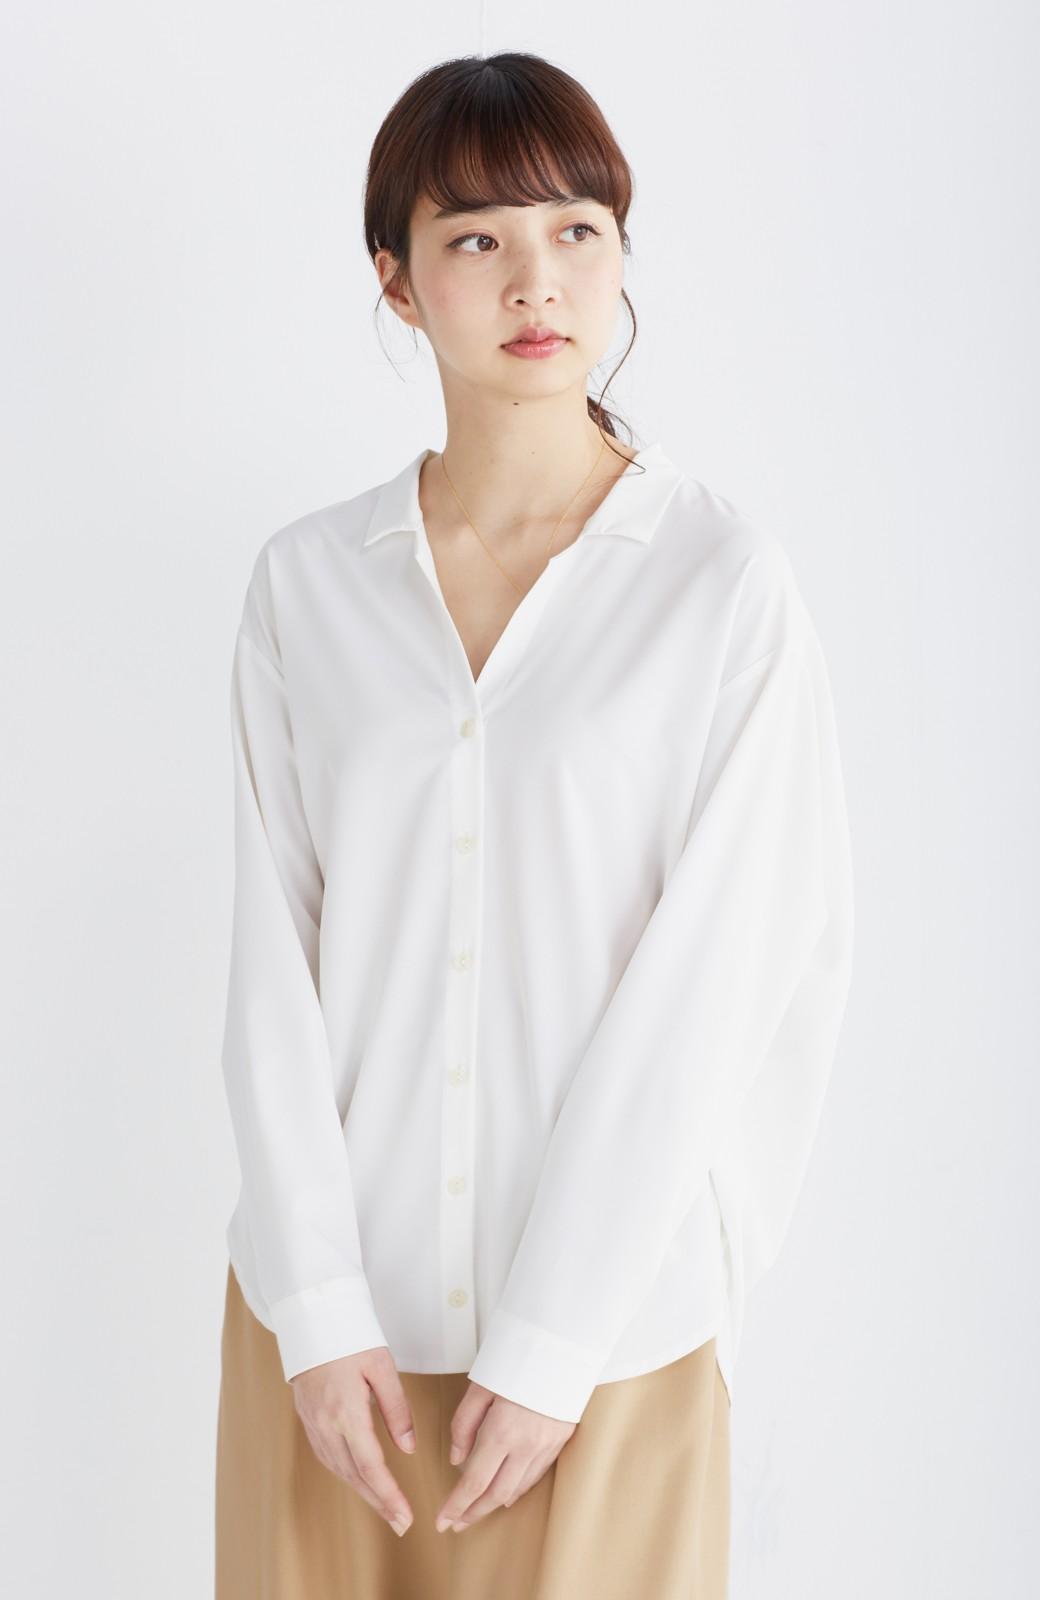 エムトロワ 女らしくてかっこいい スキッパー&抜き衿のとろみシャツ <ホワイト>の商品写真19